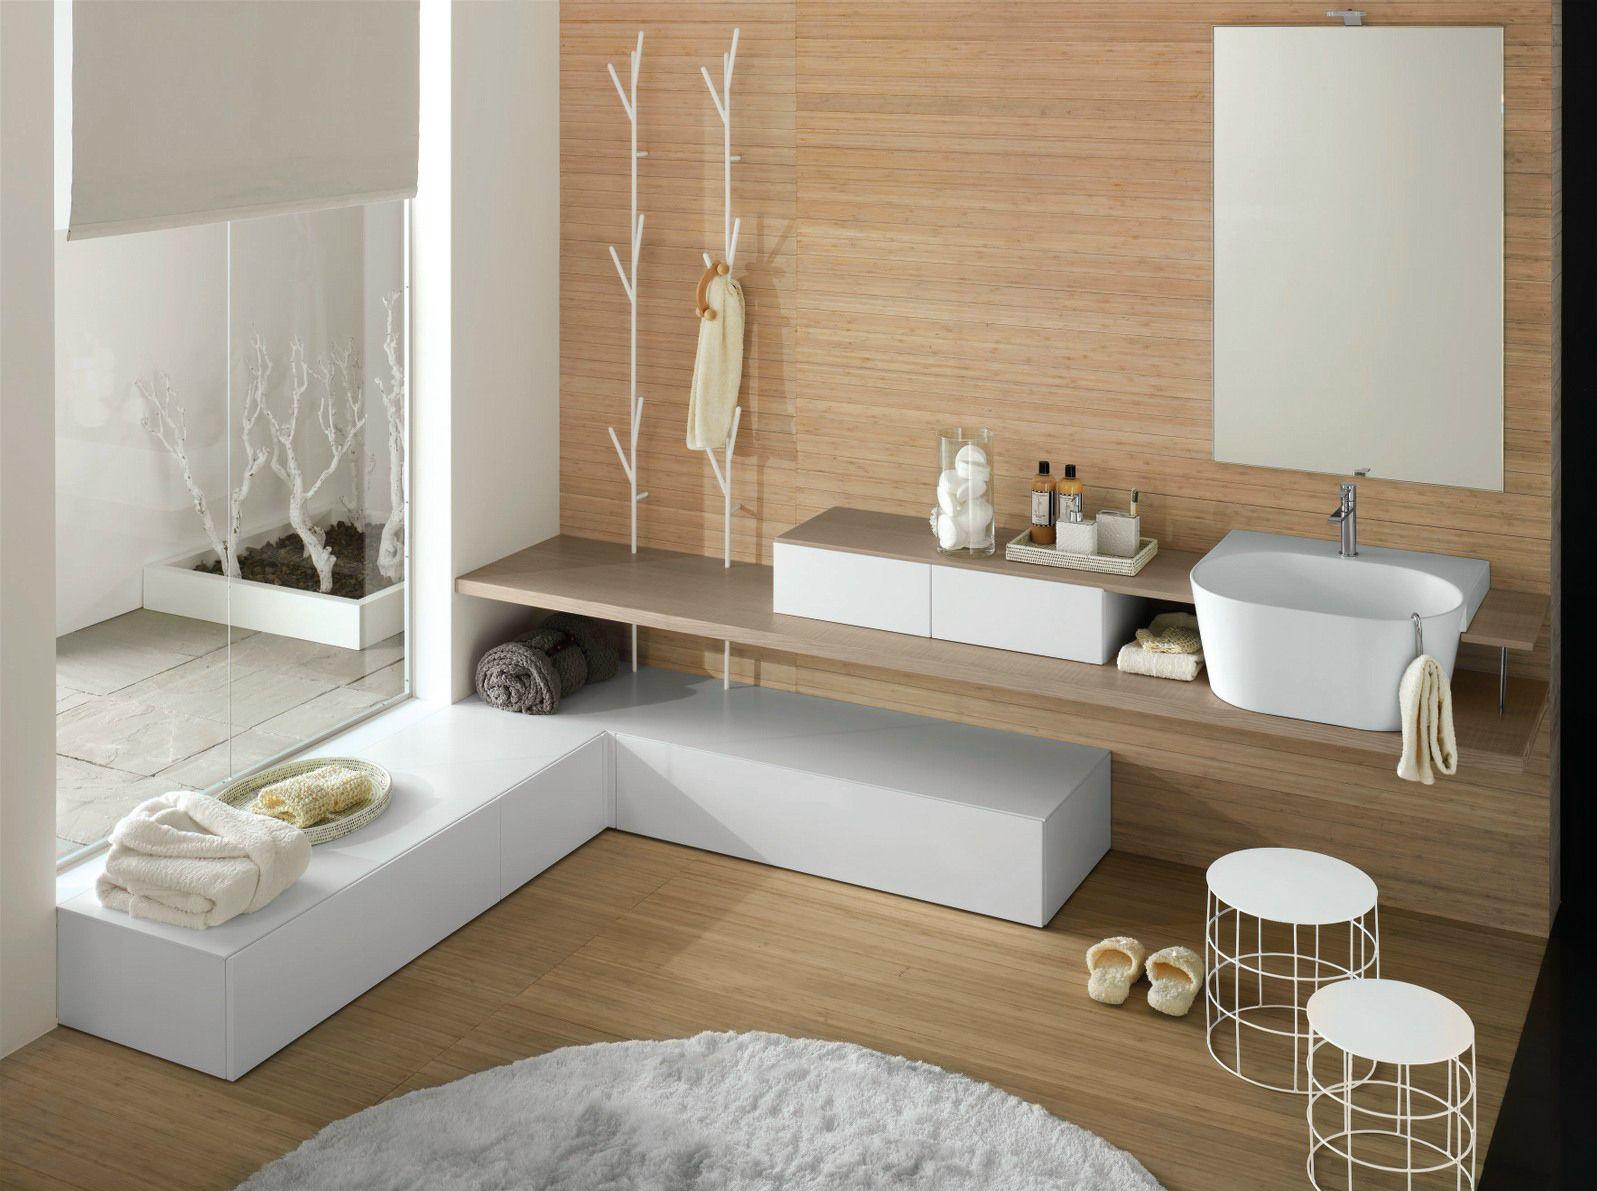 Arredo bagno completo CANESTRO - COMPOSIZIONE C01 by NOVELLO design ...